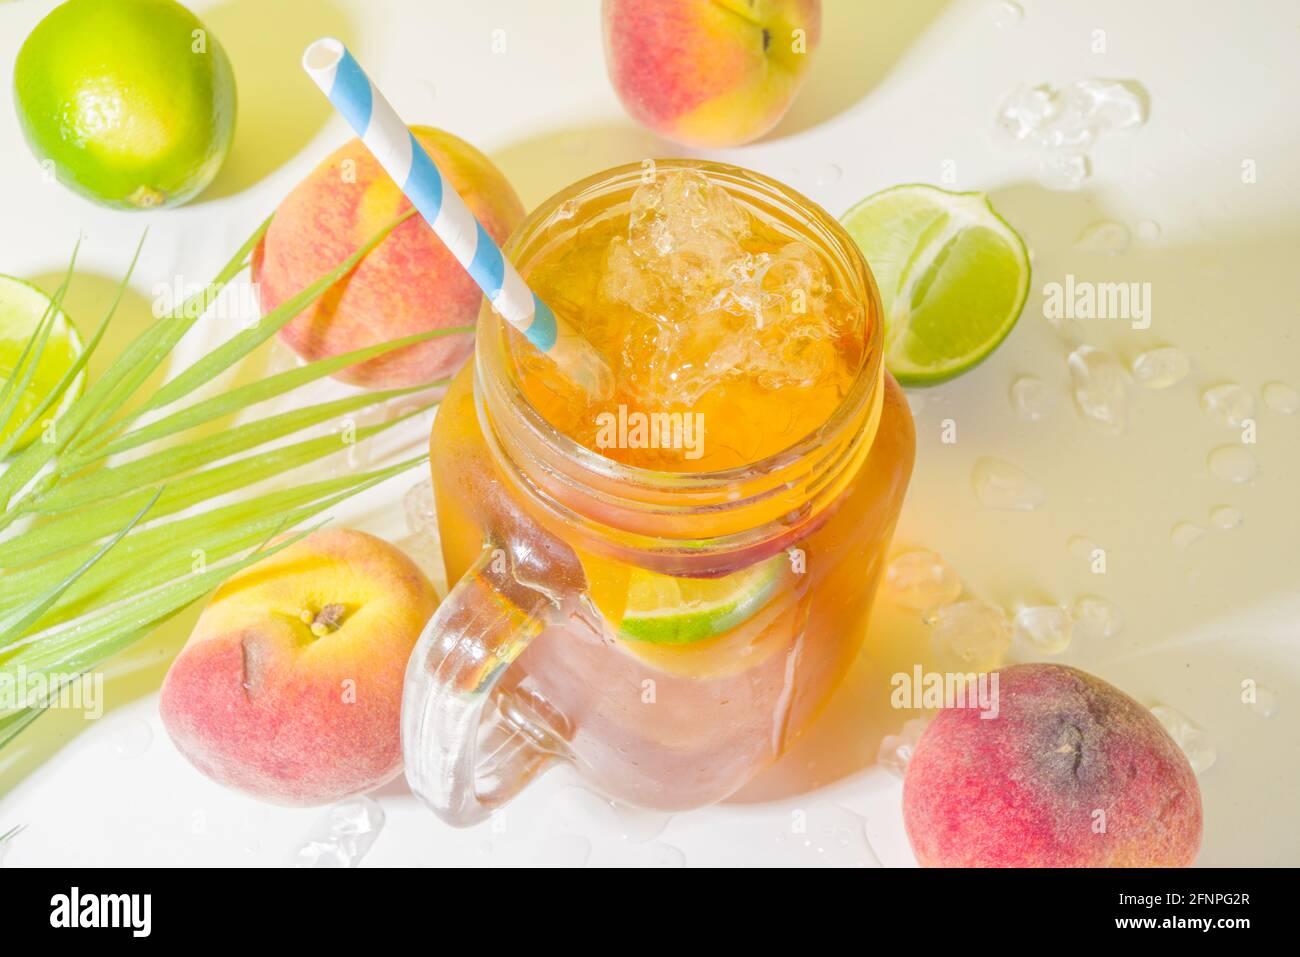 Boisson fraîche d'été, cocktail traditionnel de thé de pêche glacé avec glace pilée, tranches de pêche et citron, sur fond jaune ensoleillé et branché Banque D'Images